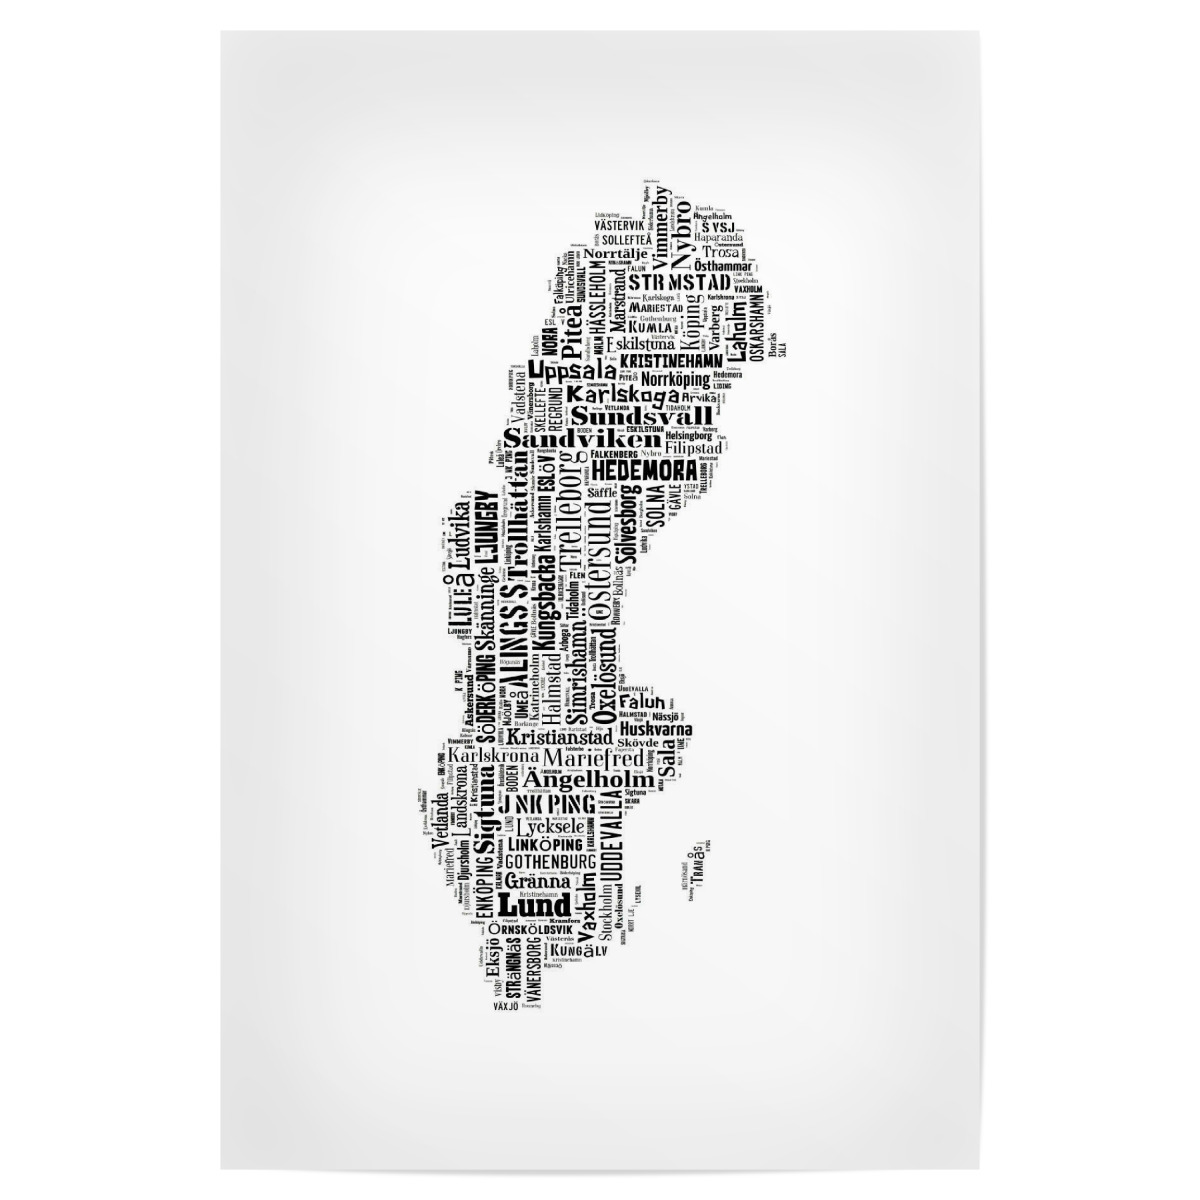 Sweden Map Black als Poster bei artboxONE kaufen